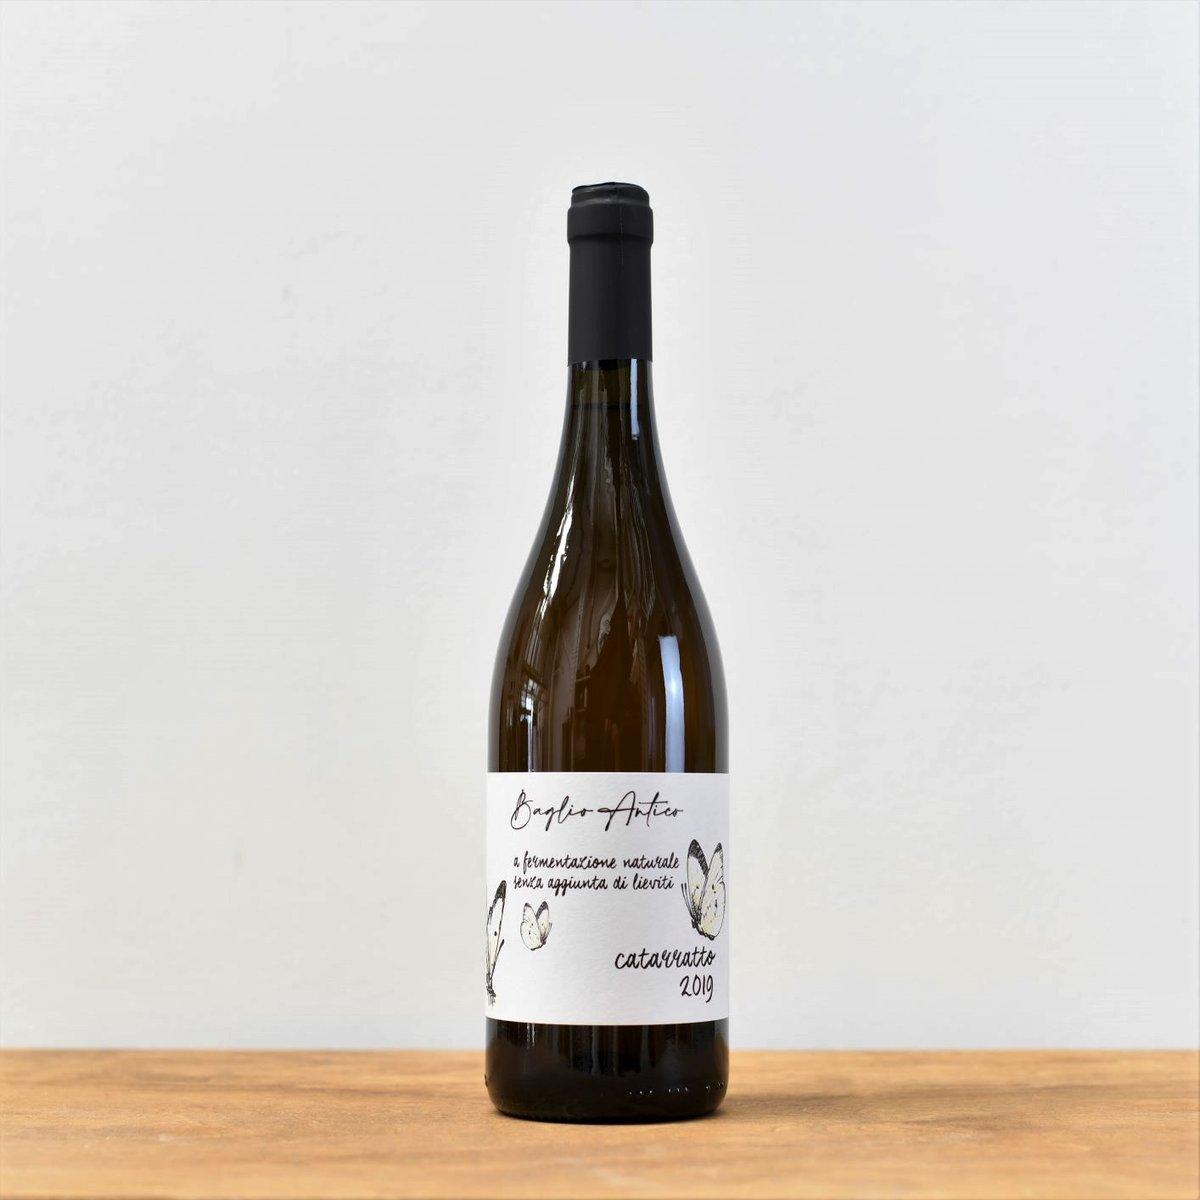 Baglio Antico Catarratto 2020 | Orange Wine | Italy